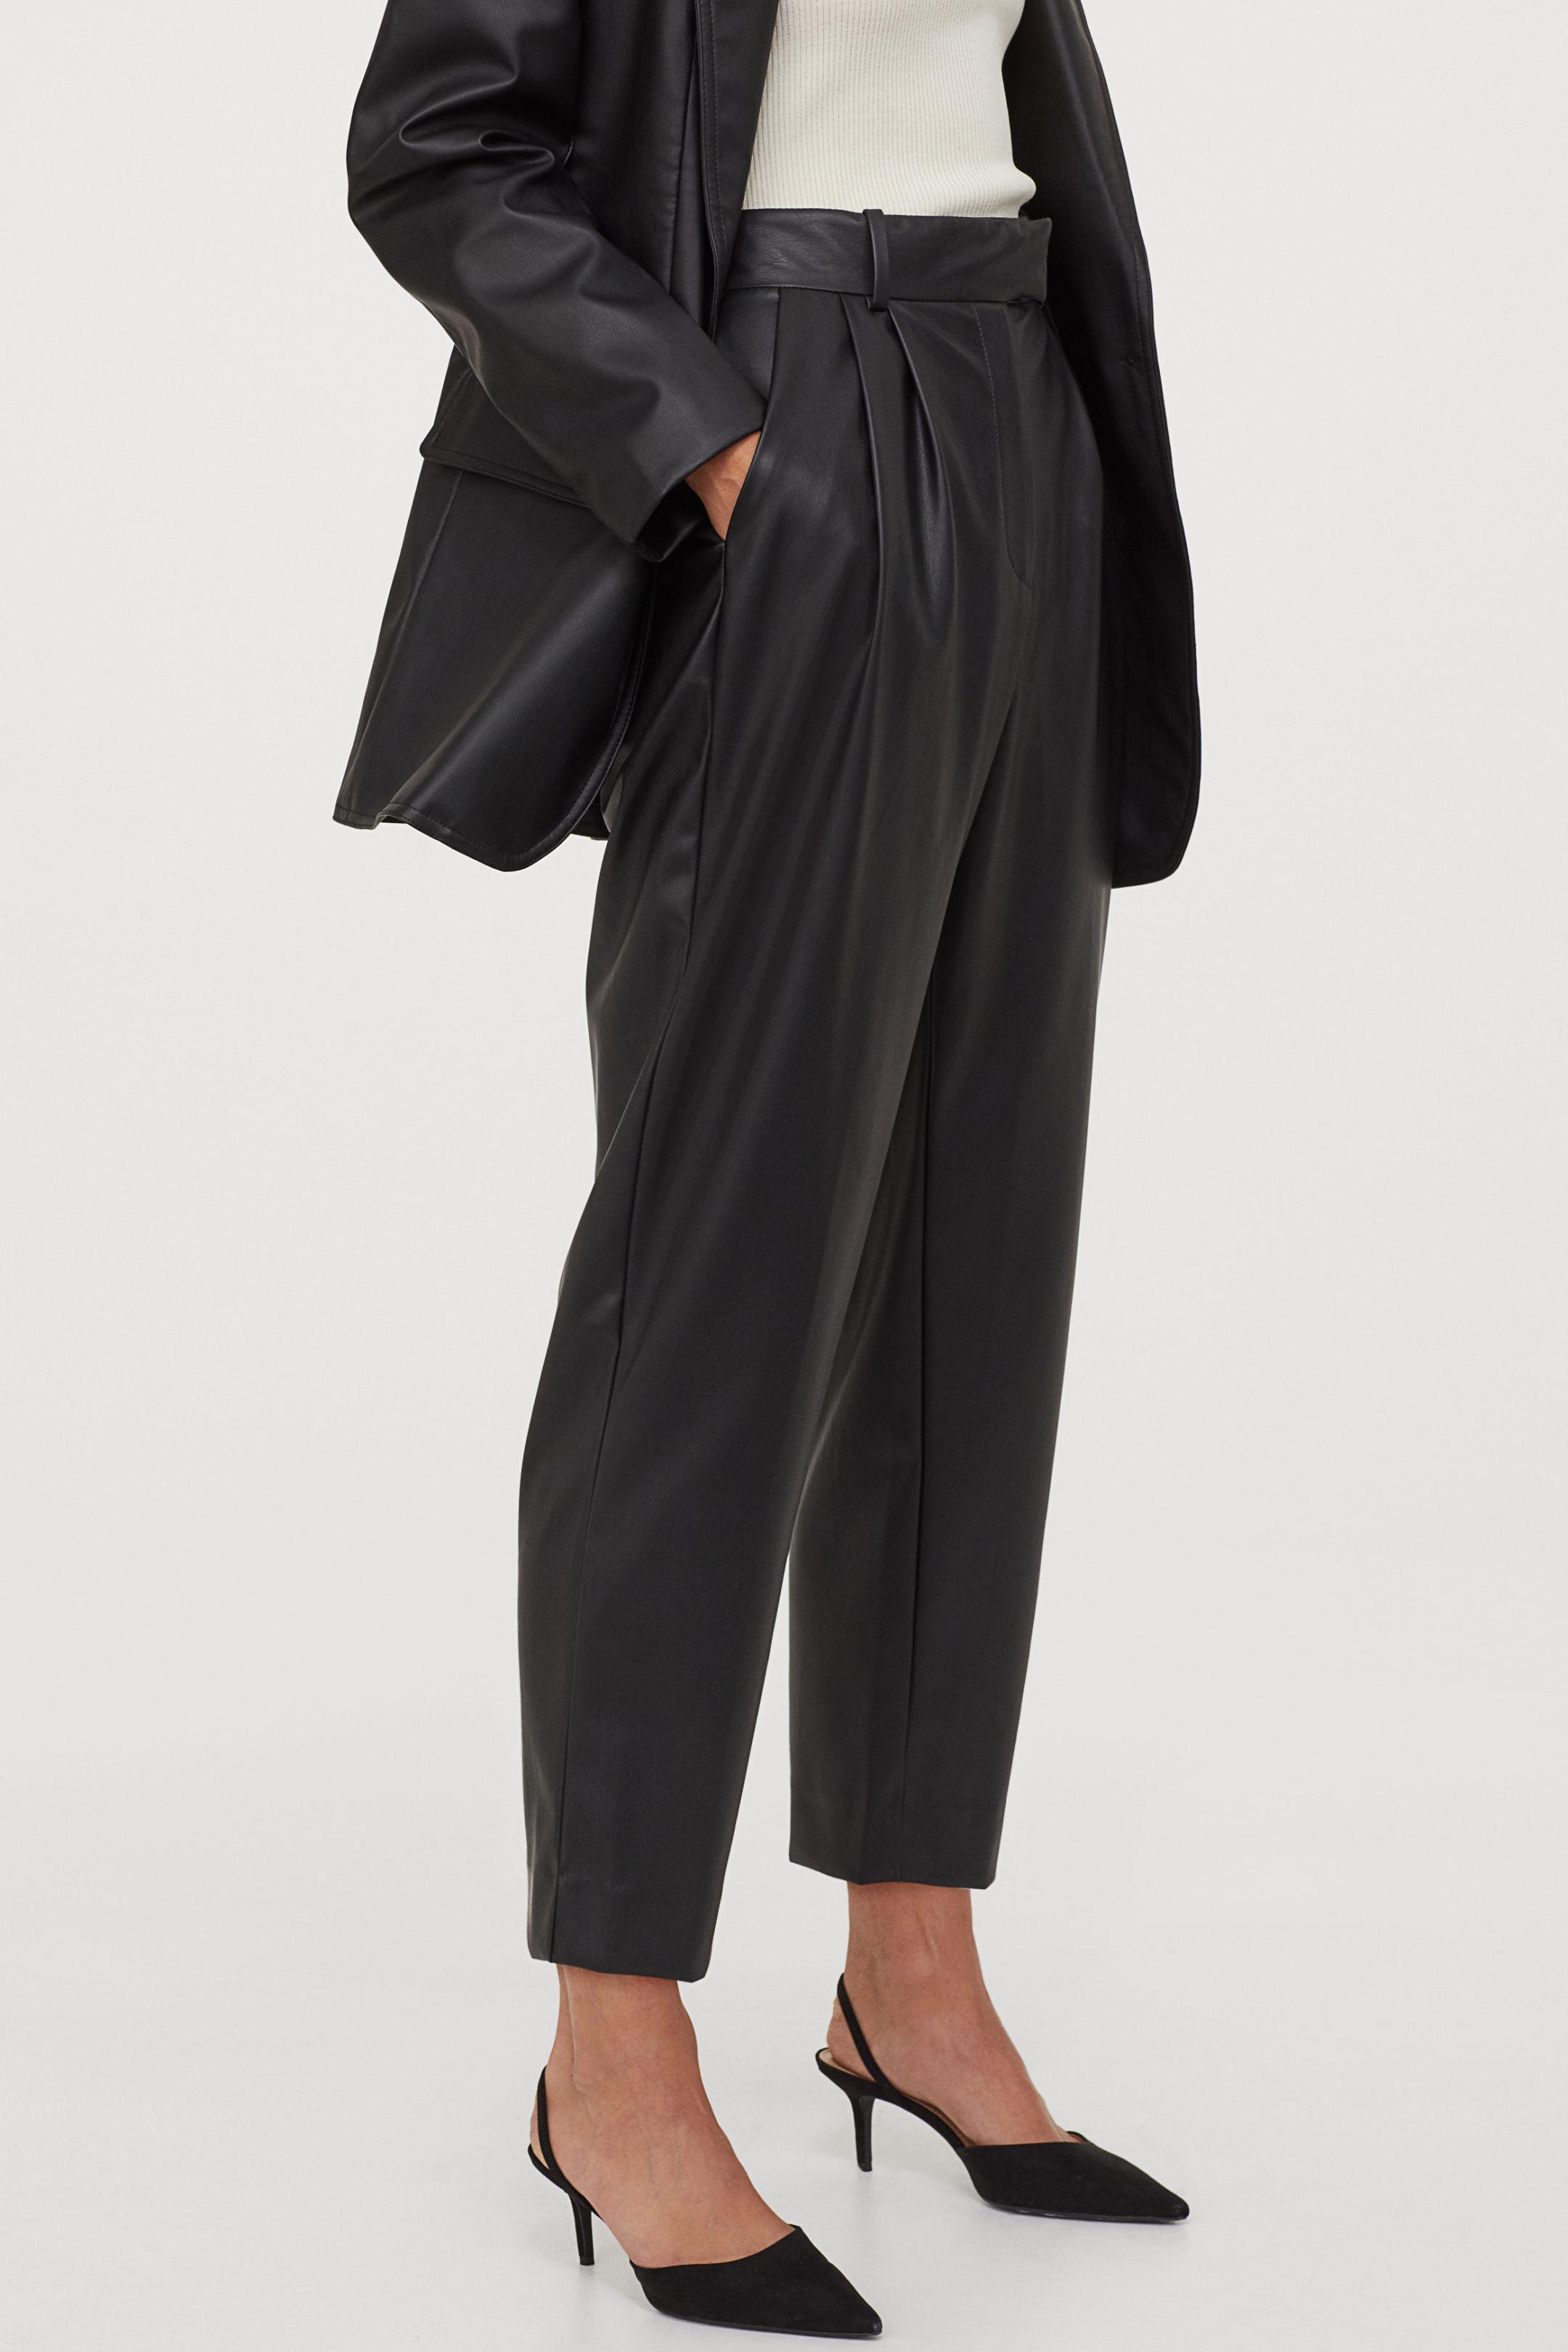 Pantalón slouchy con pinzas de piel sintética